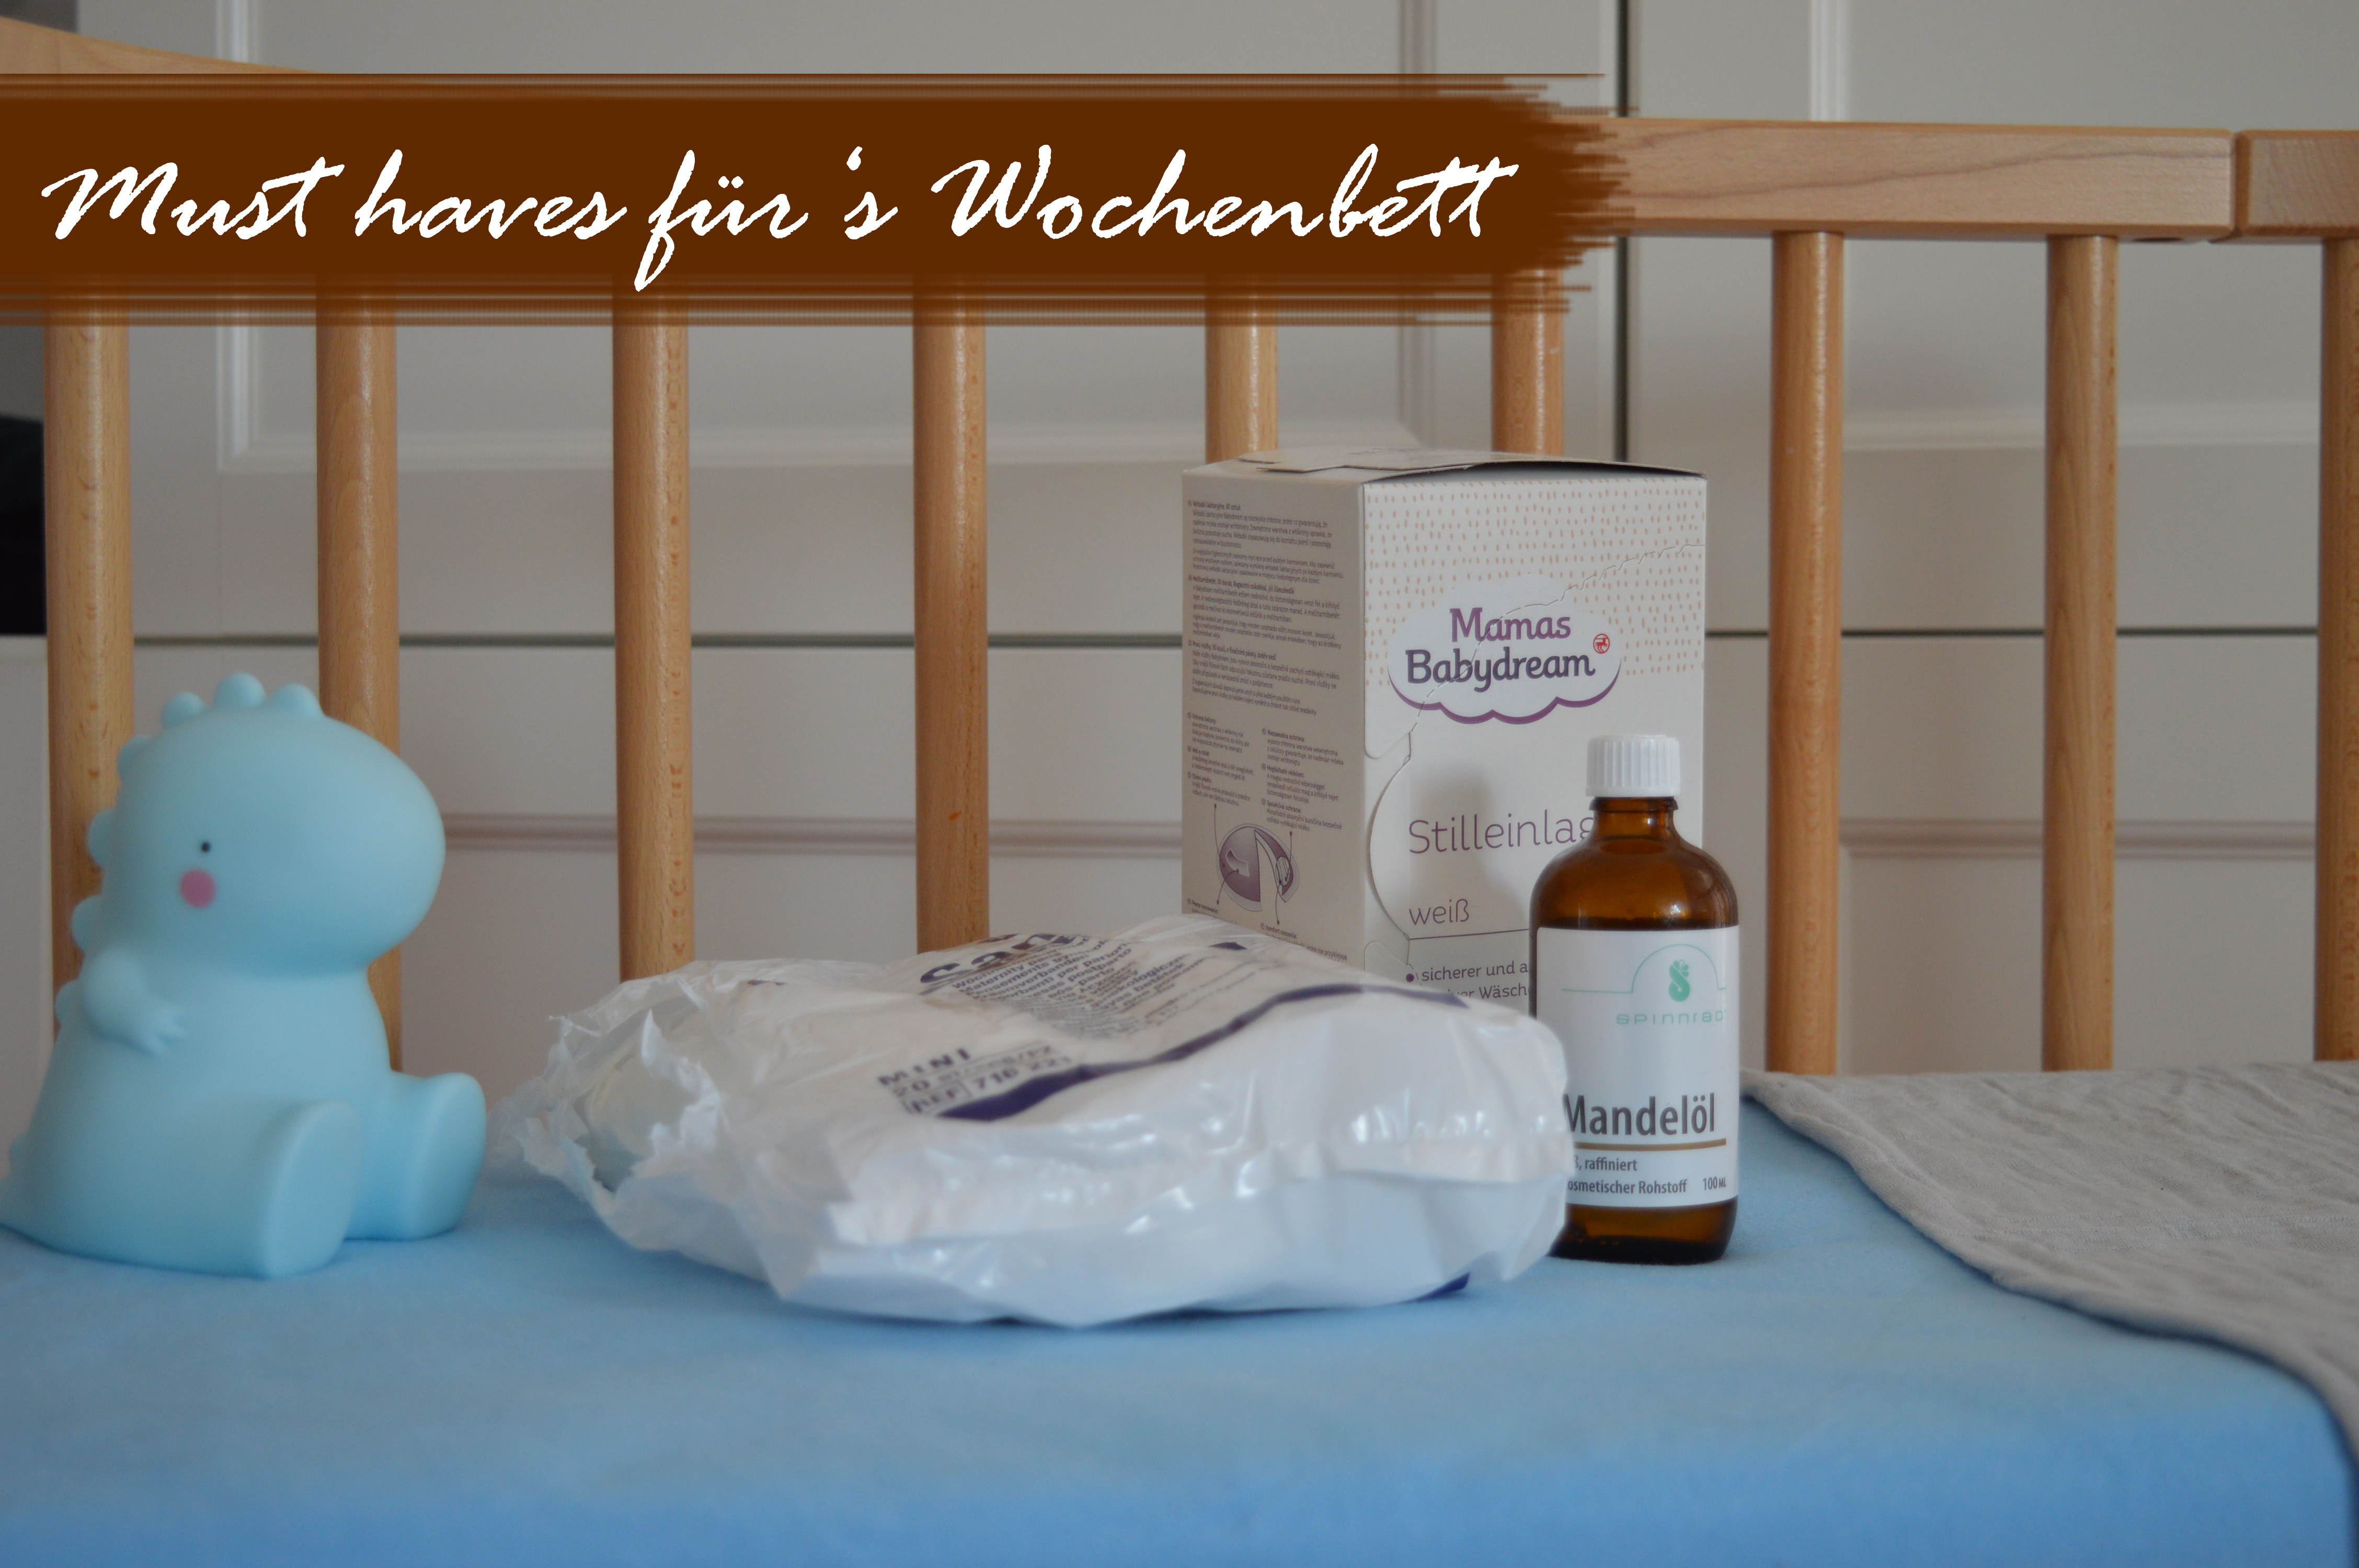 Wochenbett Produkte